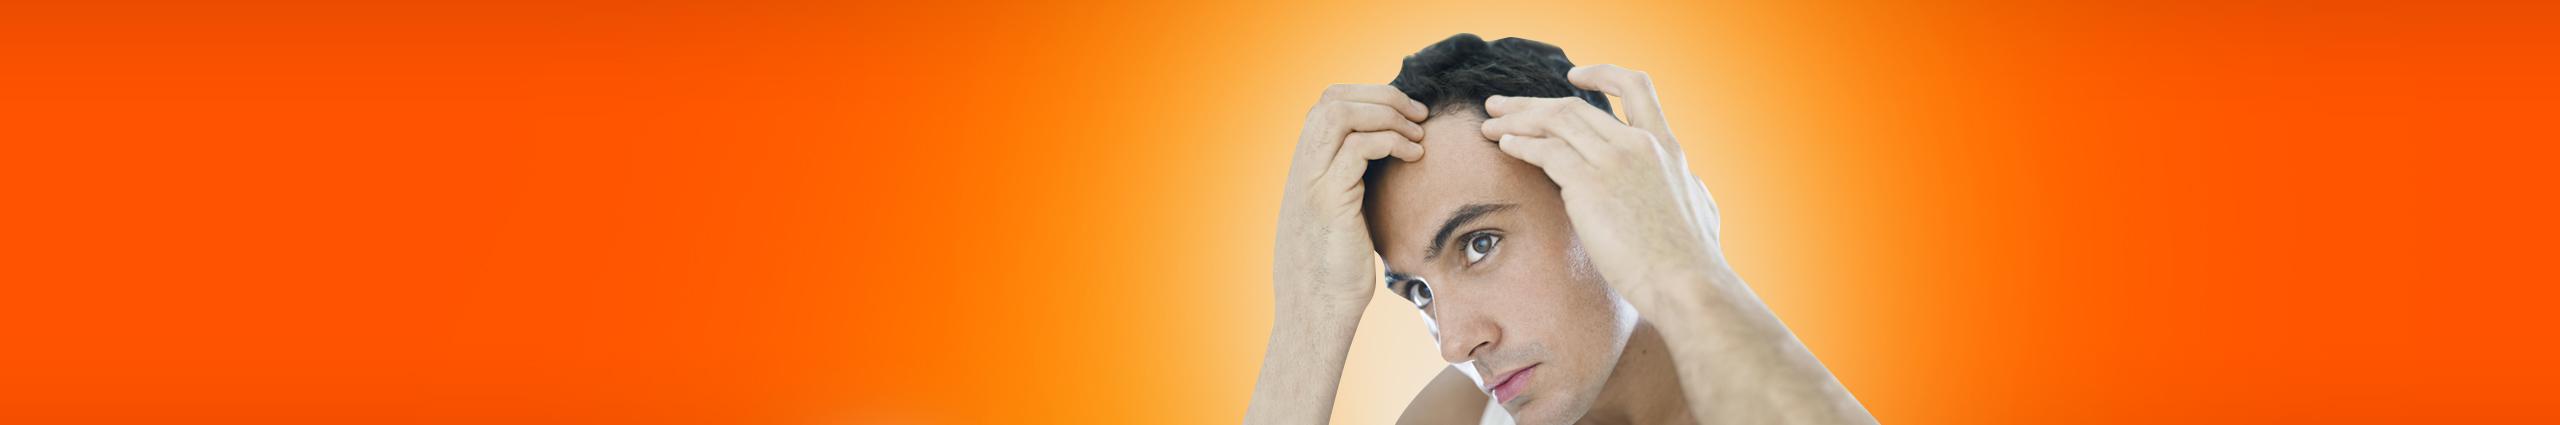 Saç Dökülmesi Sorun Değil, Saçlarınızı Geri Kazanın.